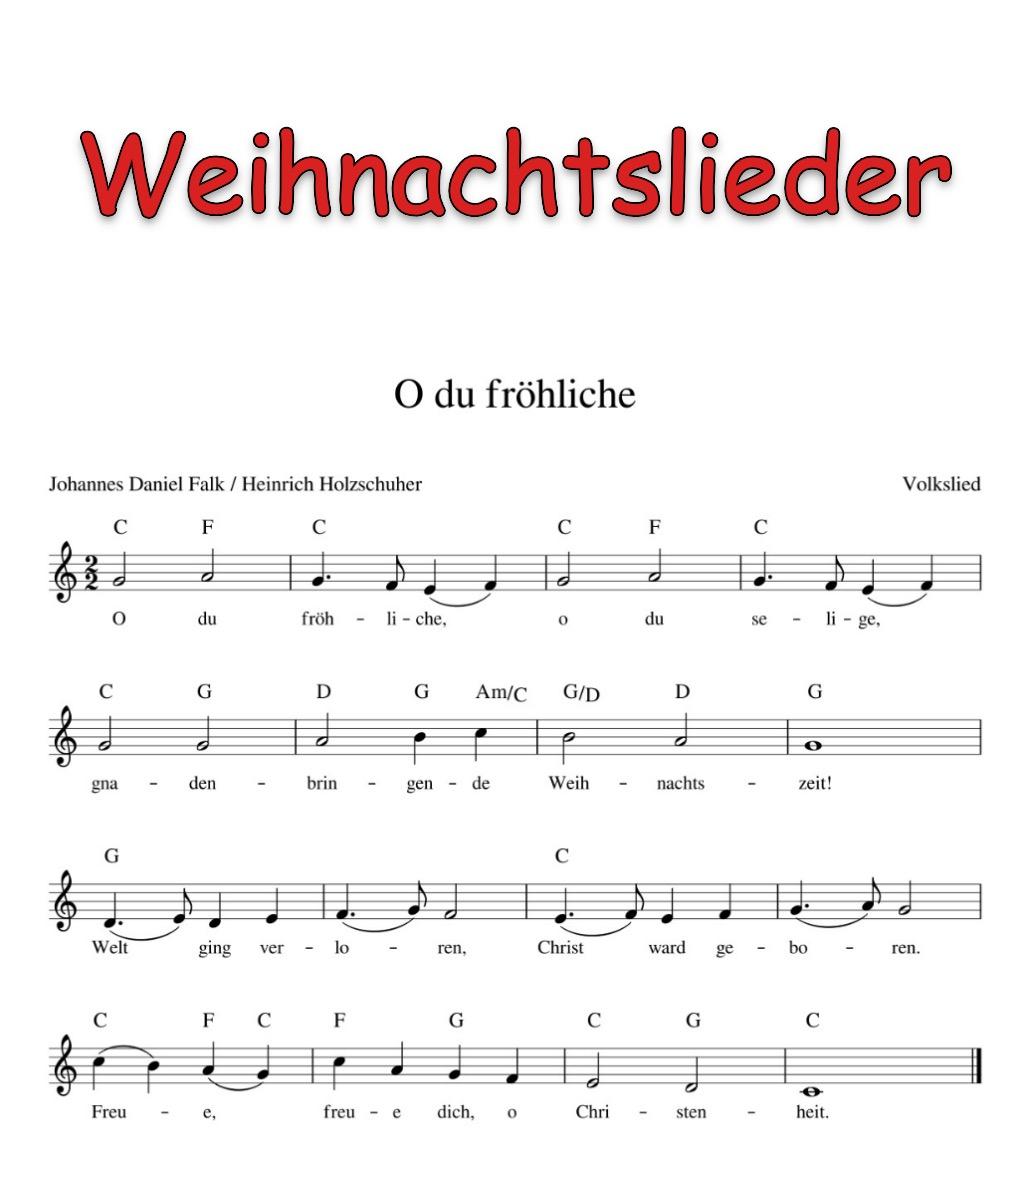 Kinderlieder Mit Noten - Kinderlieder - Noten - Text bei Guten Tag Ich Bin Der Nikolaus Akkorde